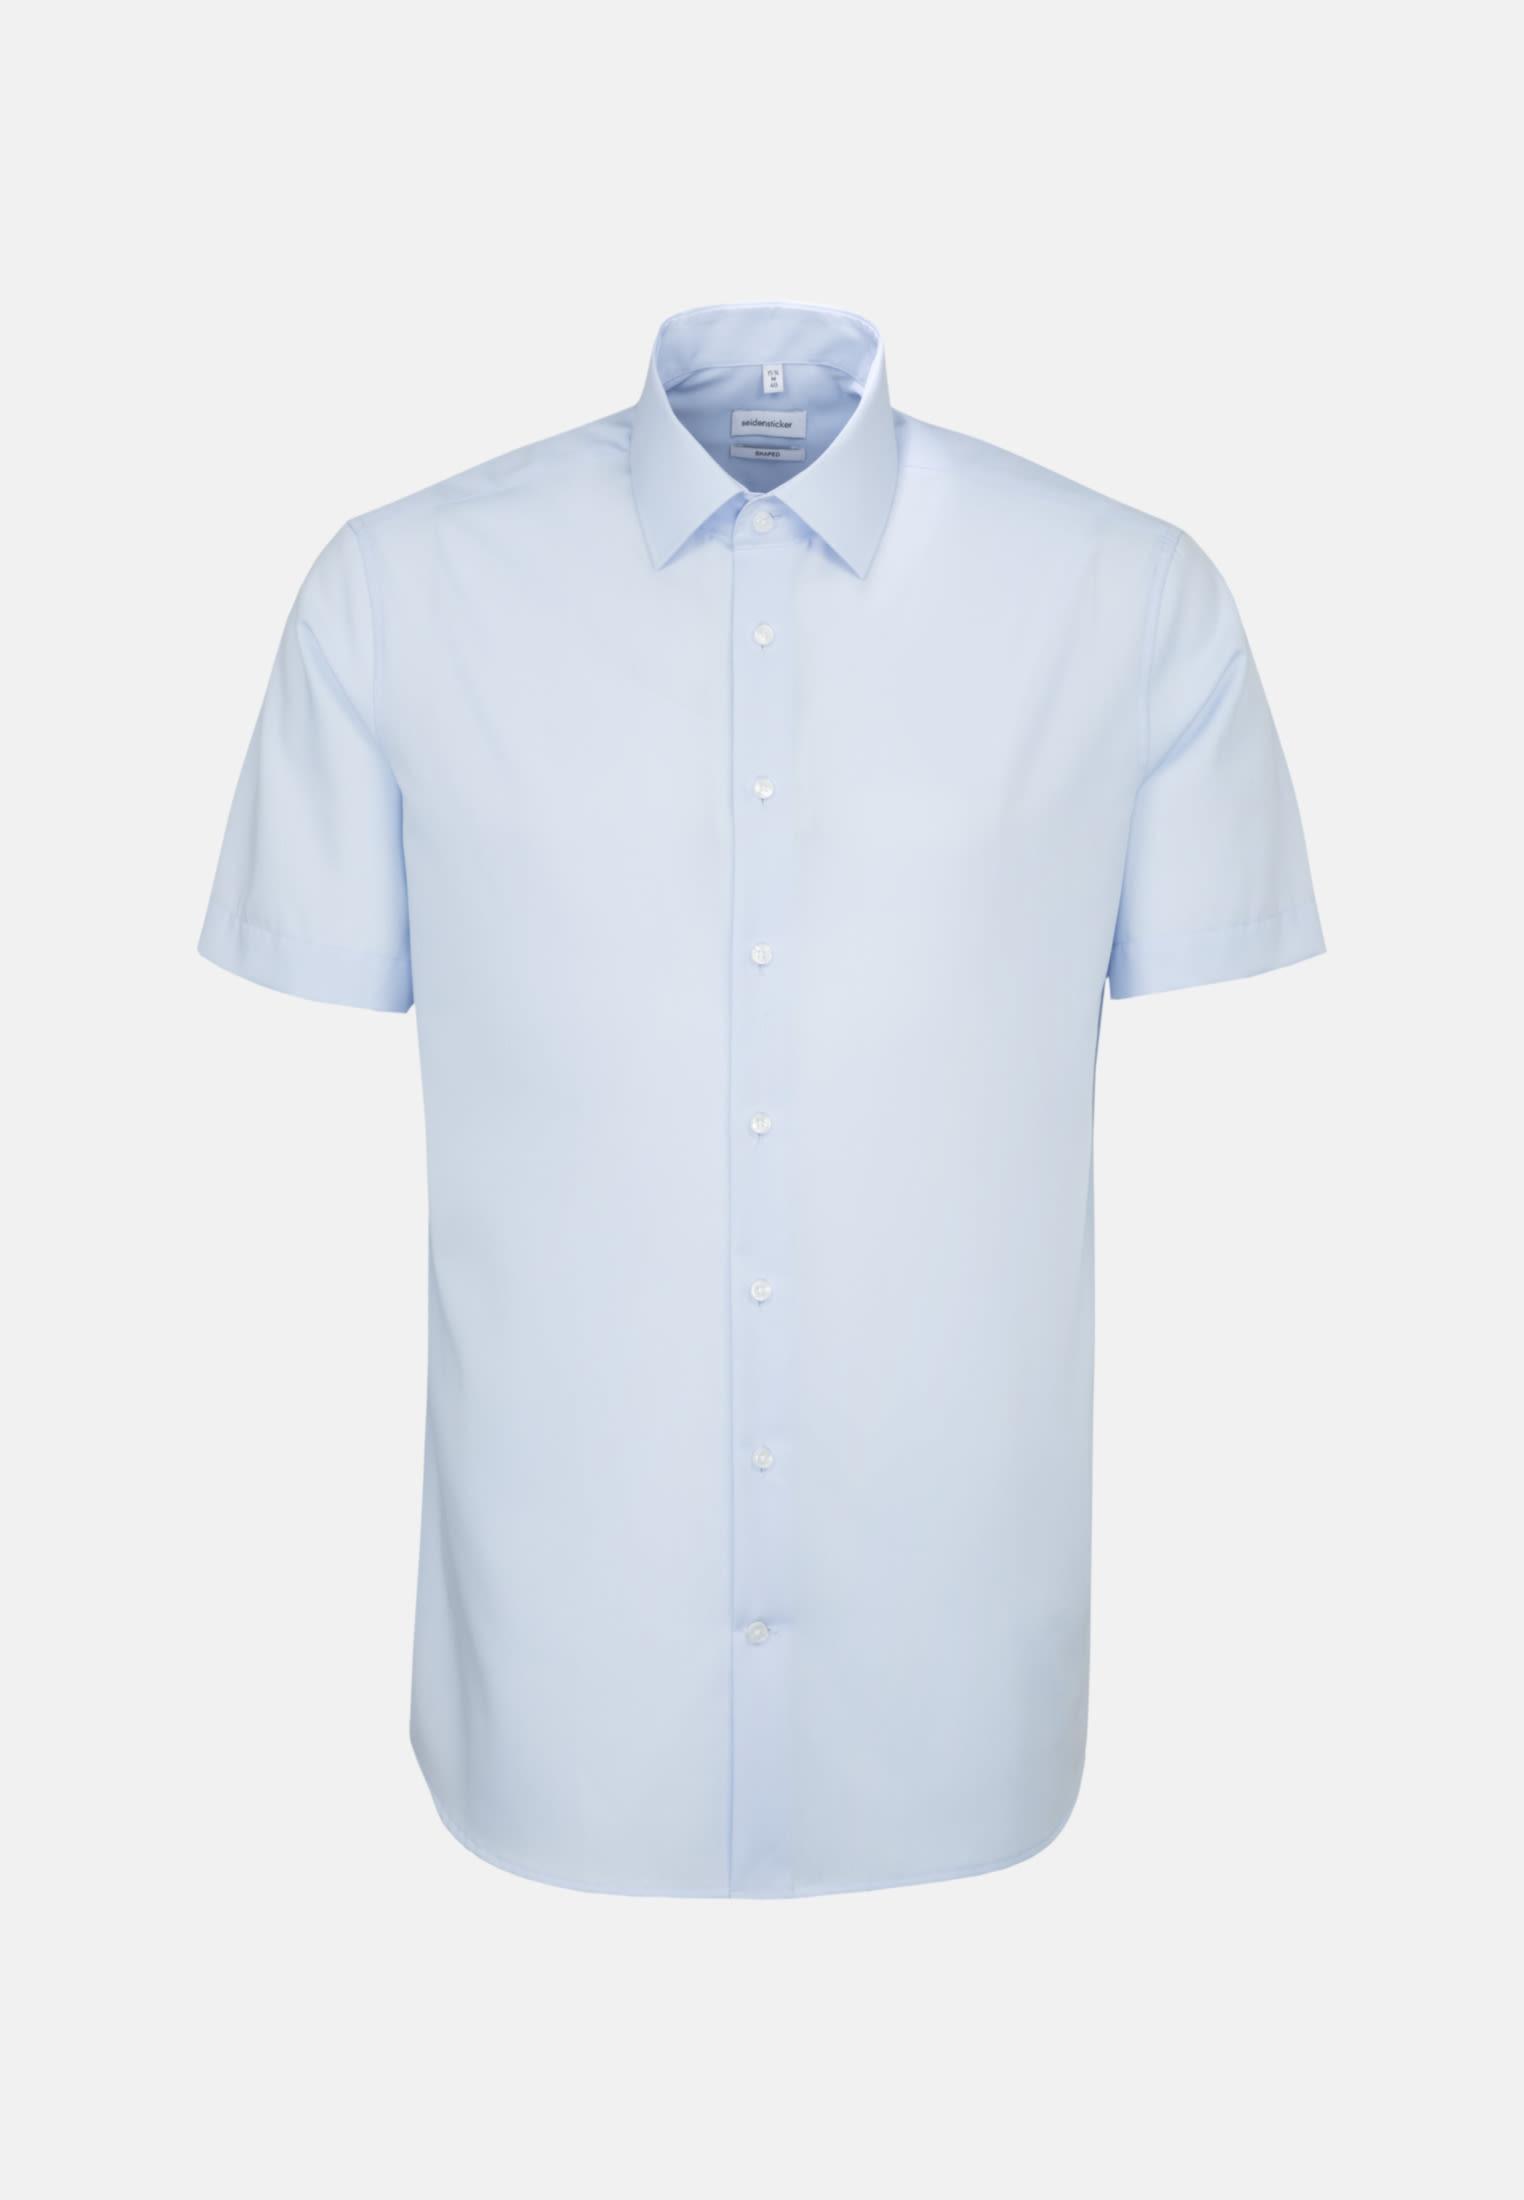 Bügelfreies Popeline Kurzarm Business Hemd in Shaped mit Kentkragen in Mittelblau |  Seidensticker Onlineshop